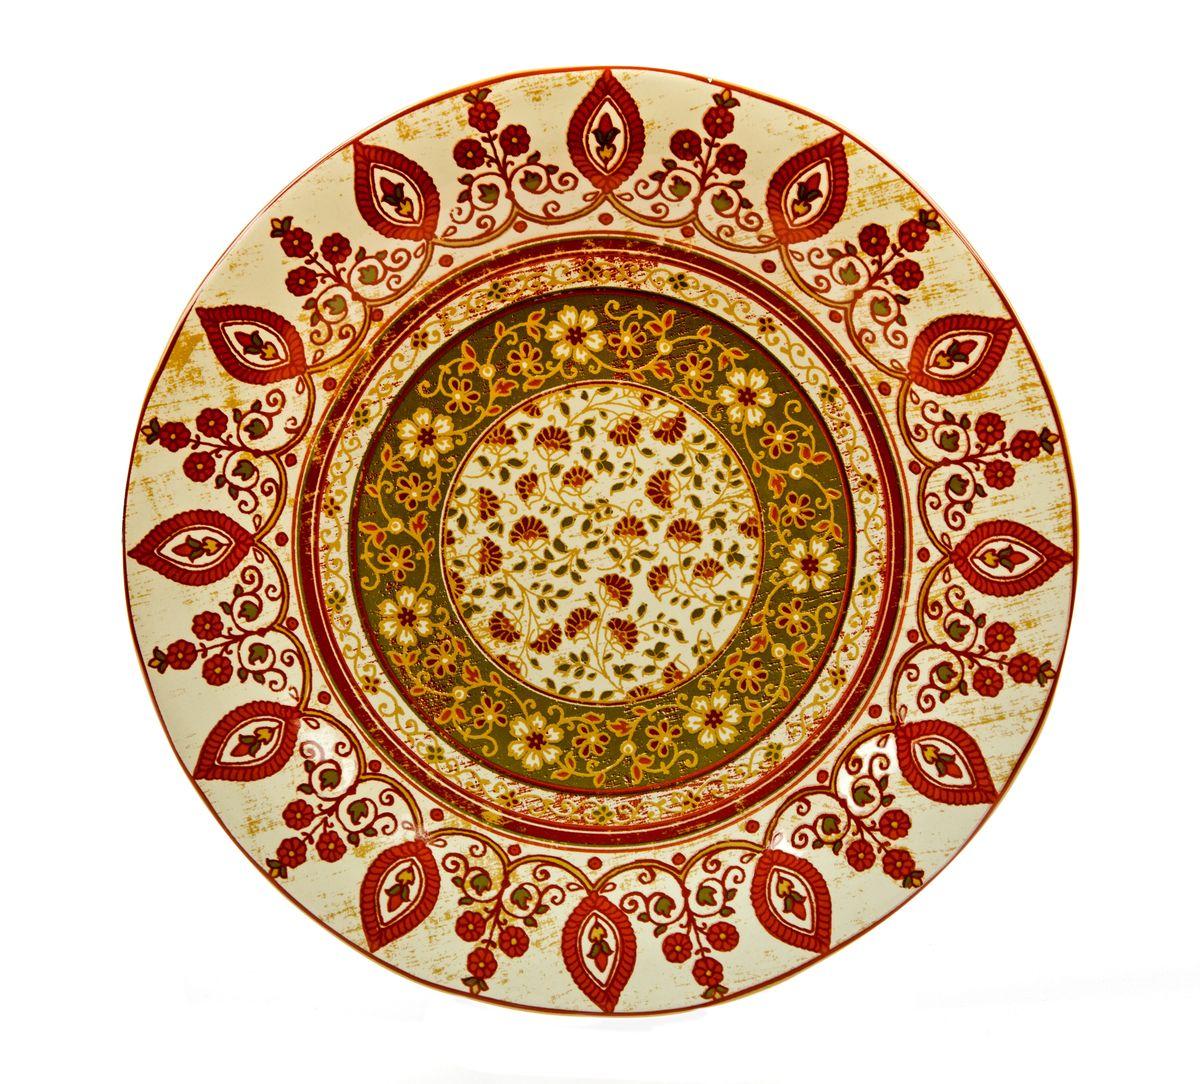 Тарелка обеденная Utana Кашмир, диаметр 27 смUTG41110Тарелка обеденная Utana Кашмир изготовлена из высококачественной керамики. Предназначена для красивой подачи различных блюд. Изделие украшено ярким рисунком. Такая тарелка украсит сервировку стола и подчеркнет прекрасный вкус хозяйки. Можно мыть в посудомоечной машине и использовать в микроволновой печи. Диаметр: 27,5 см. Высота: 3 см.